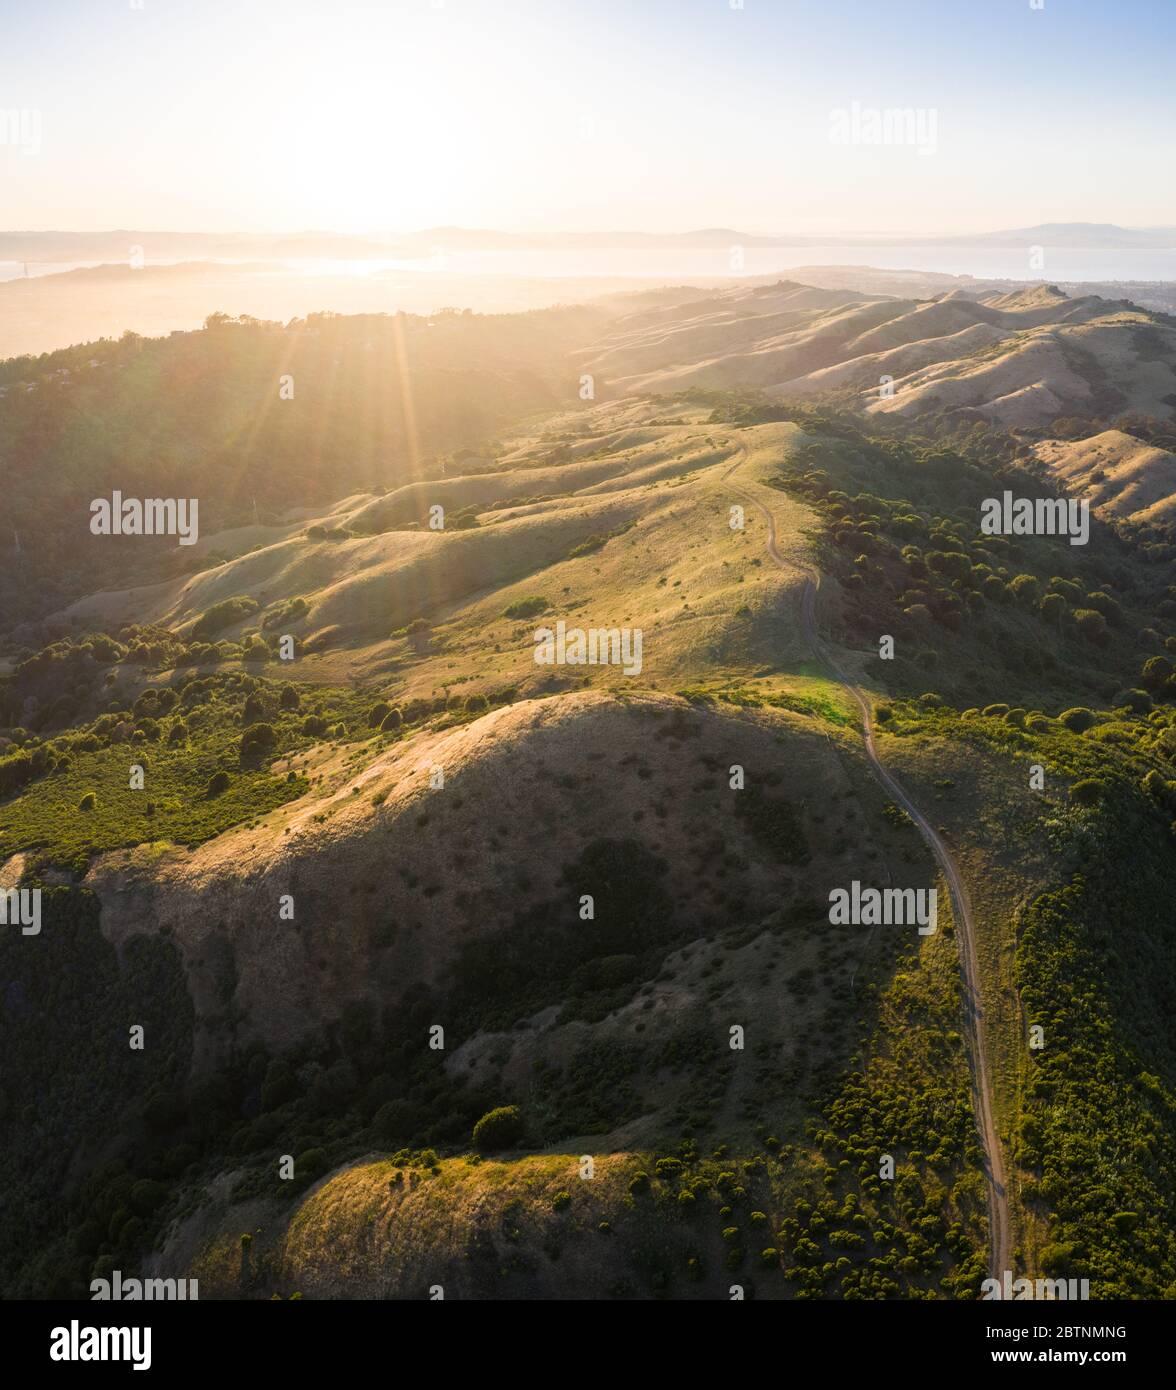 La luz del sol de la tarde ilumina las hermosas colinas y valles rurales de la Bahía este, justo al este de la Bahía de San Francisco en el norte de California. Foto de stock